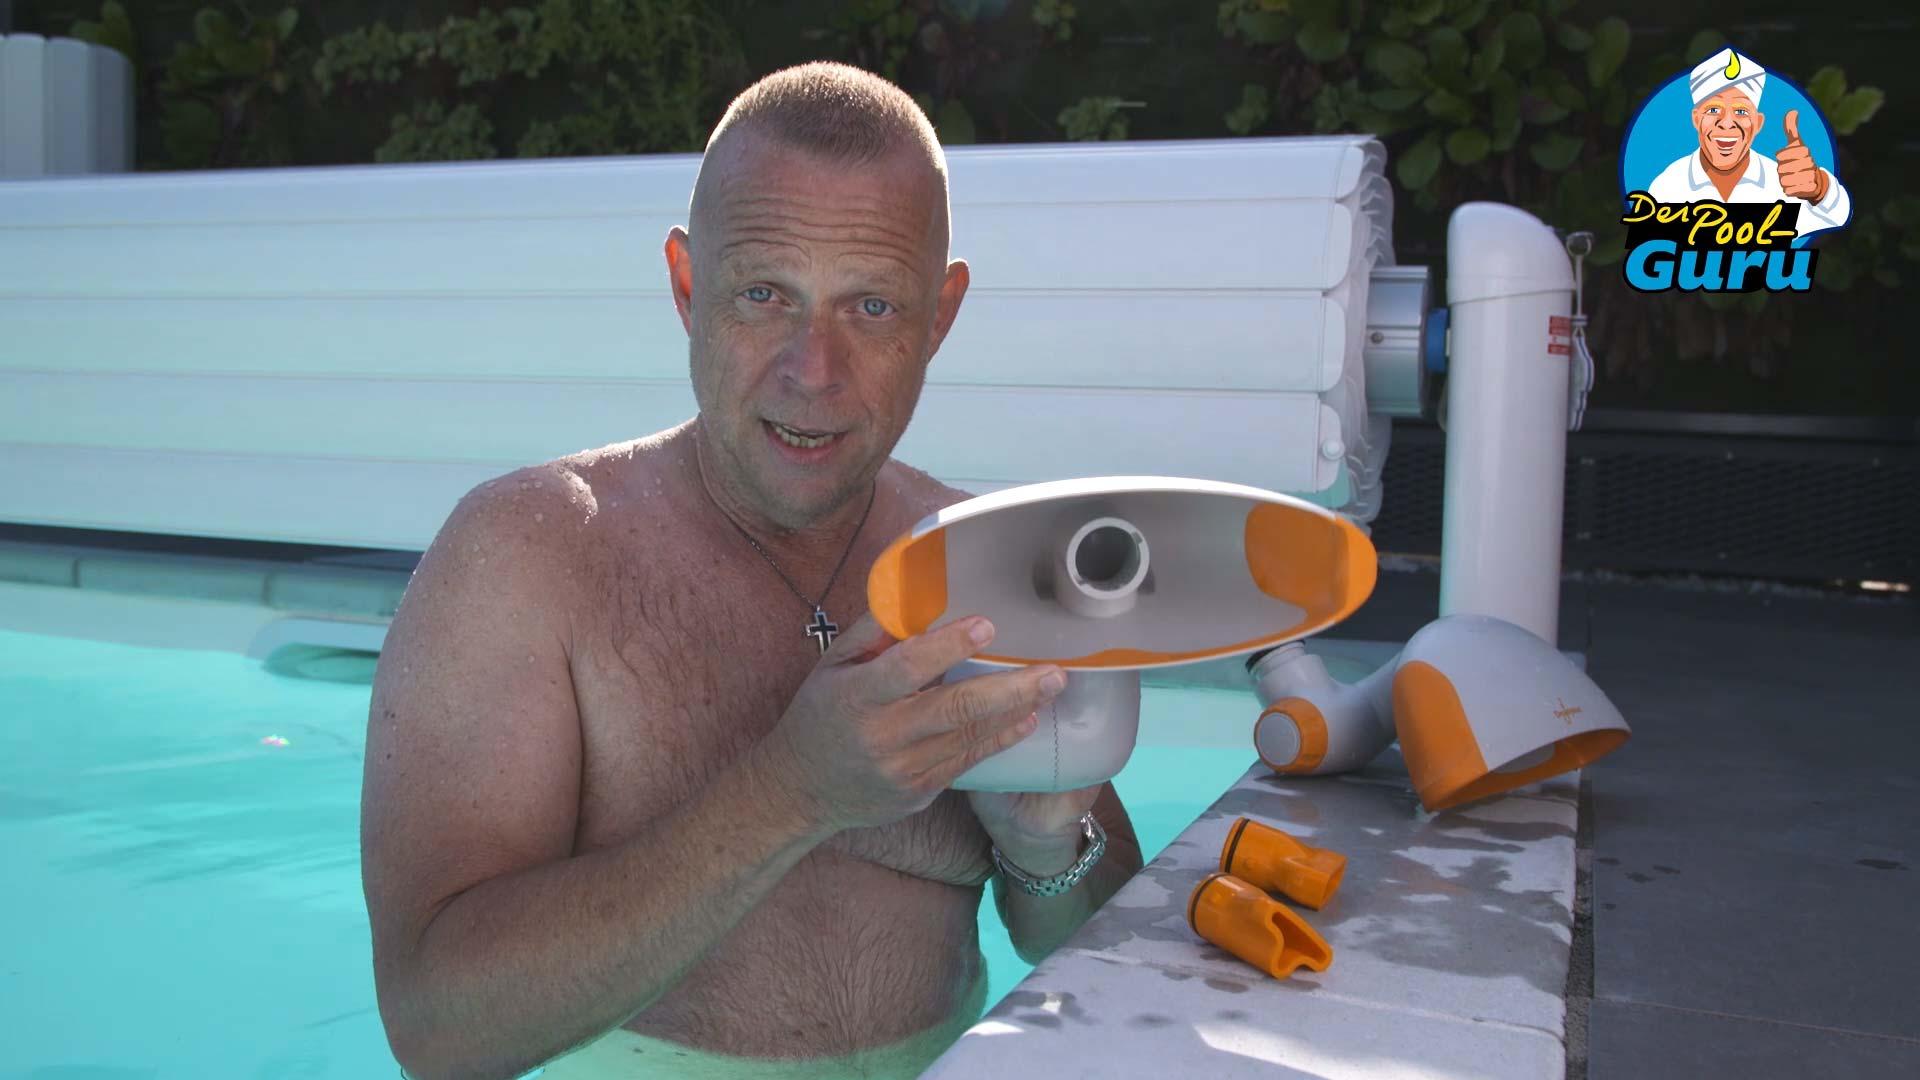 Aufsatz Gegenstromfunktion Desjoyaux Pool